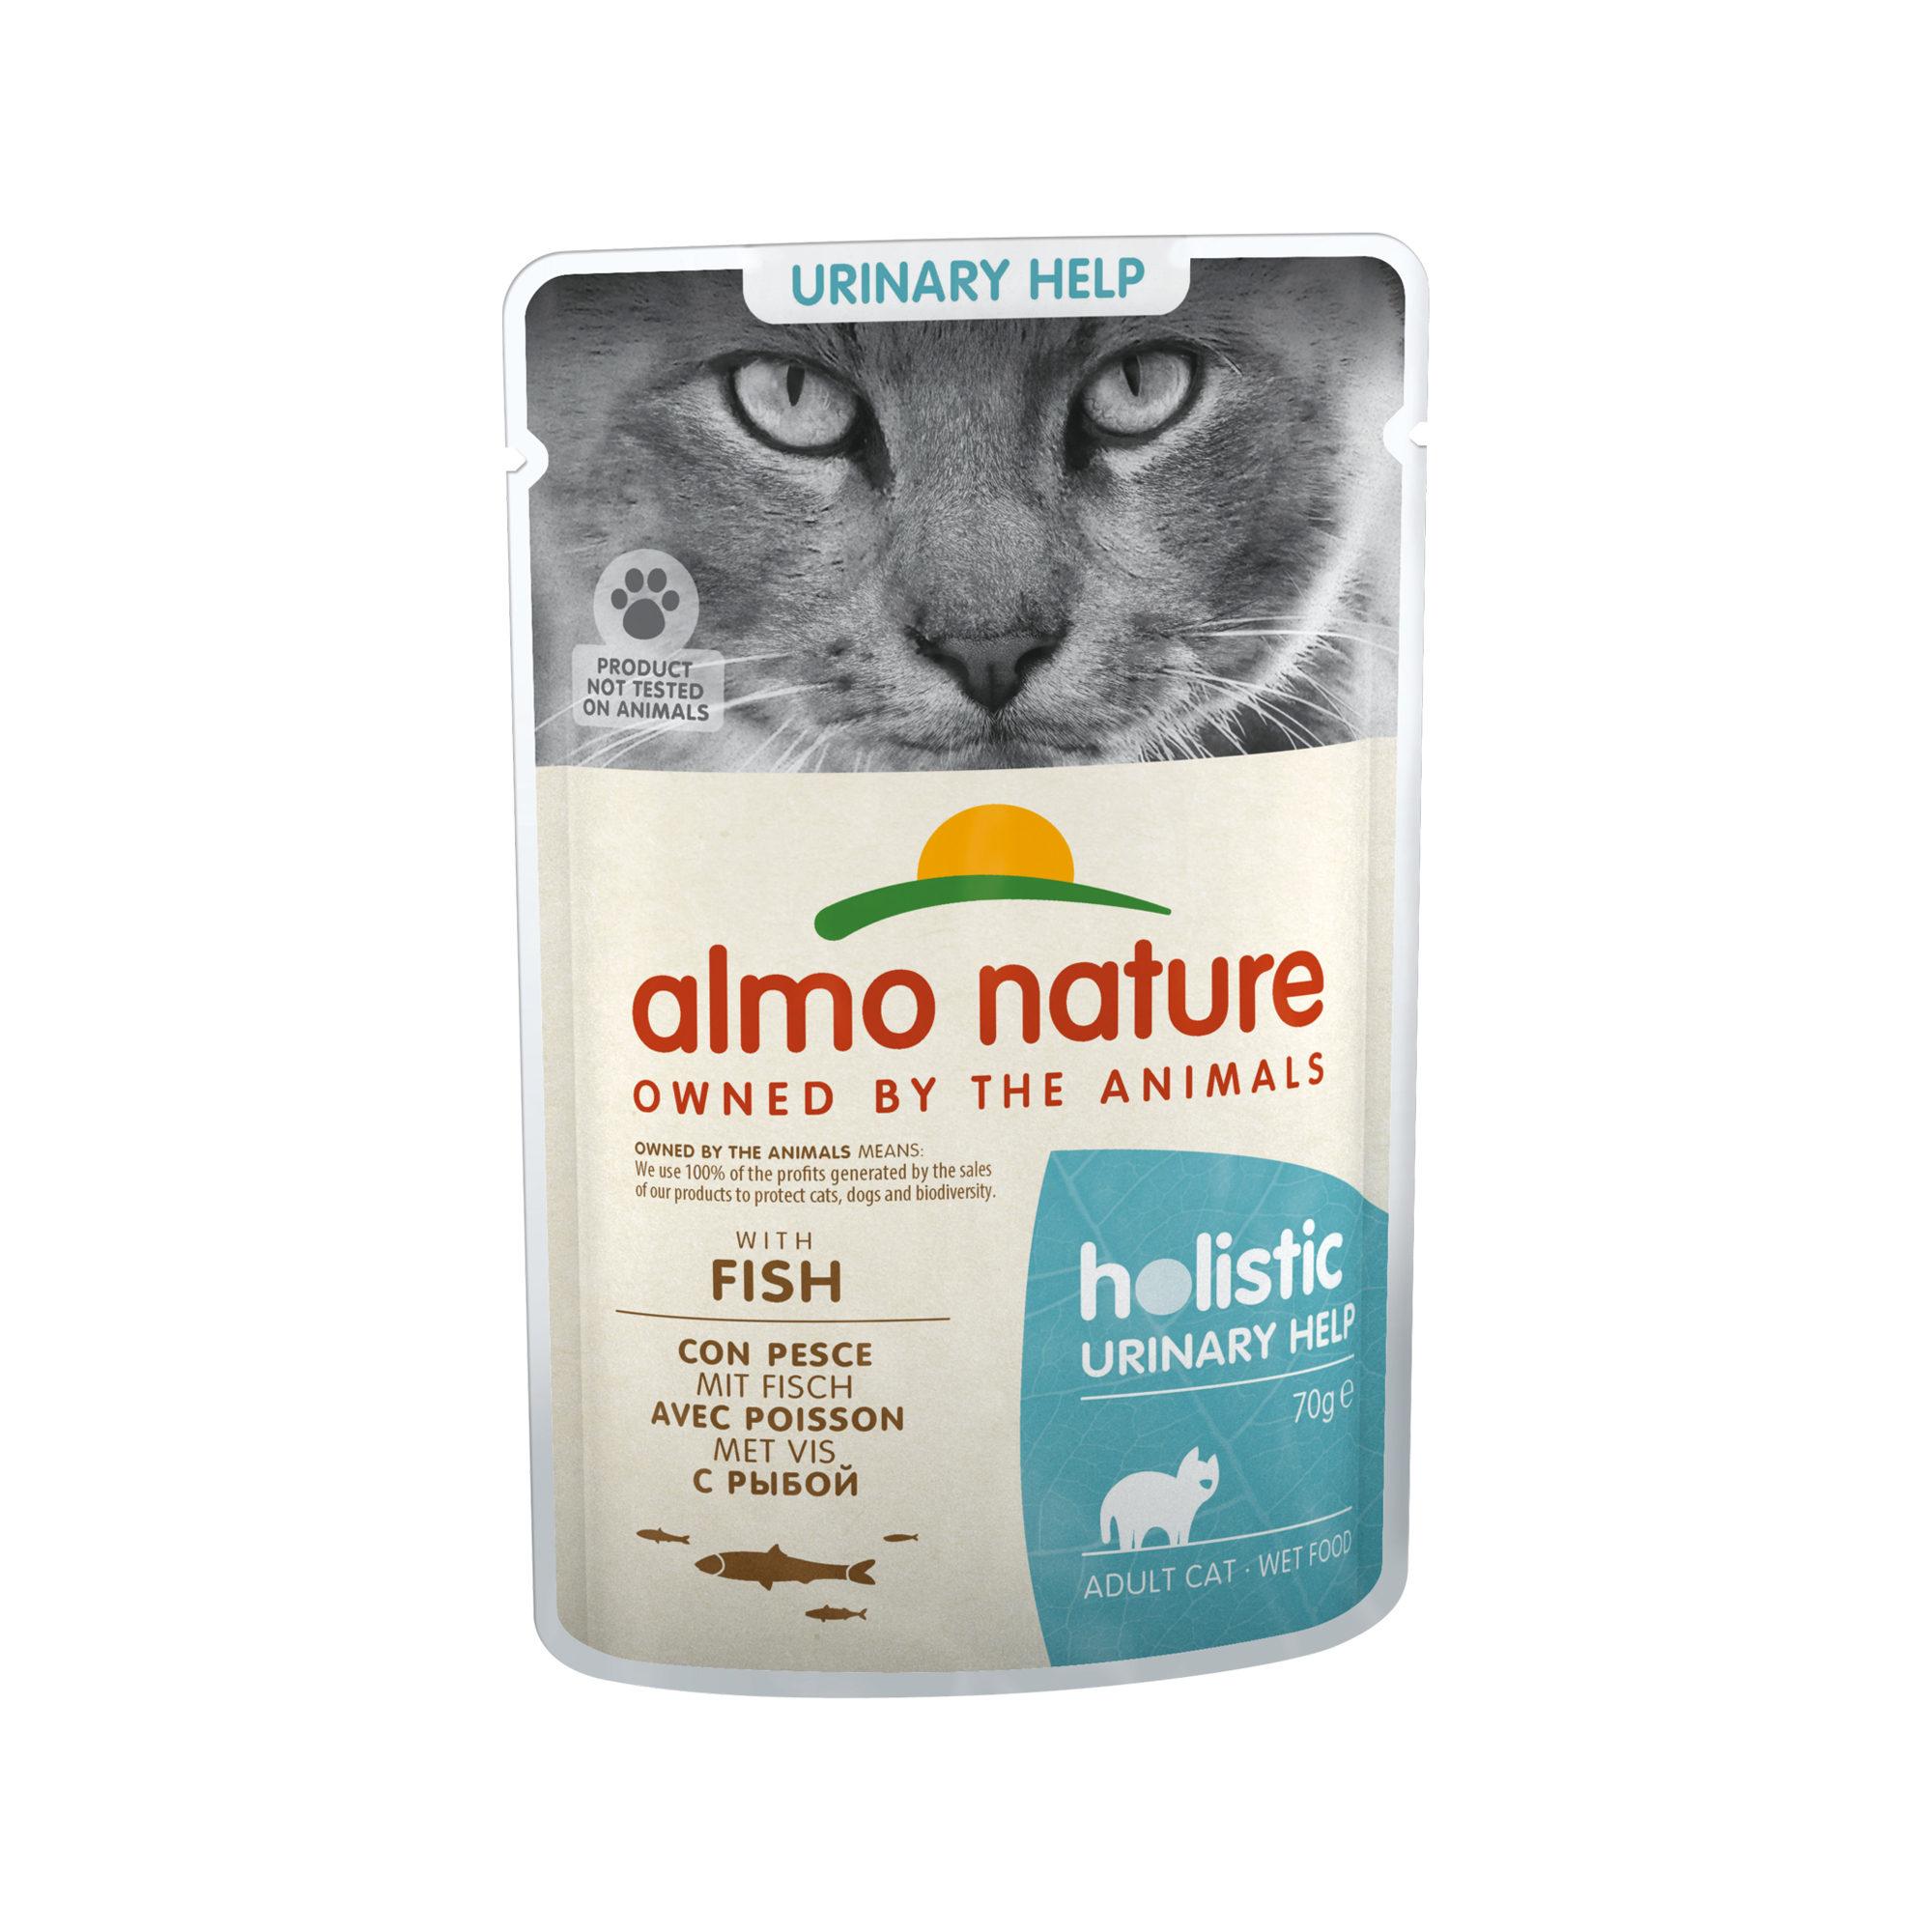 Almo Nature Holistic Urinary Help Katzenfutter - Frischebeutel - Fisch